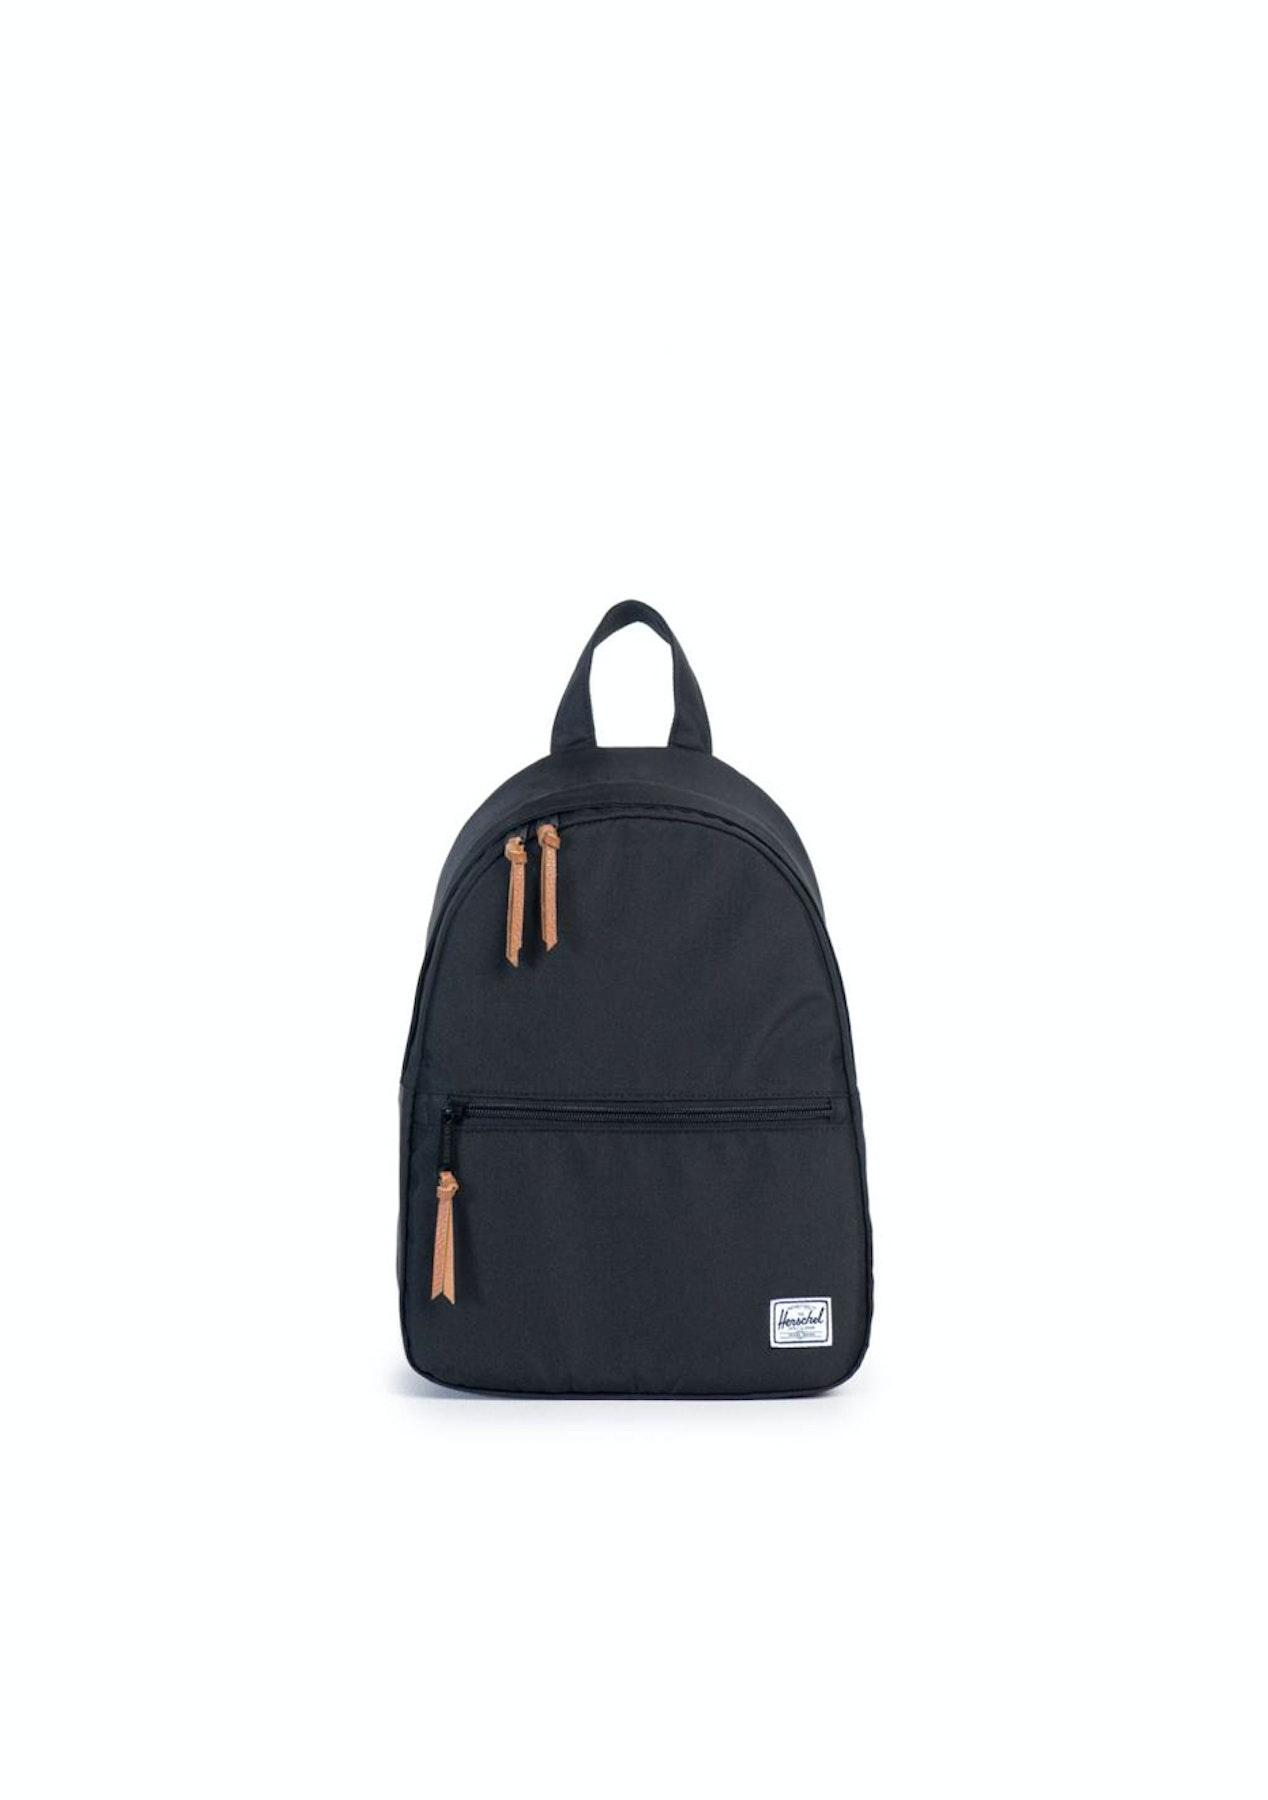 45756e4d7689a Herschel - Town Womens Backpack - Black - 50% Off Herschel - Onceit